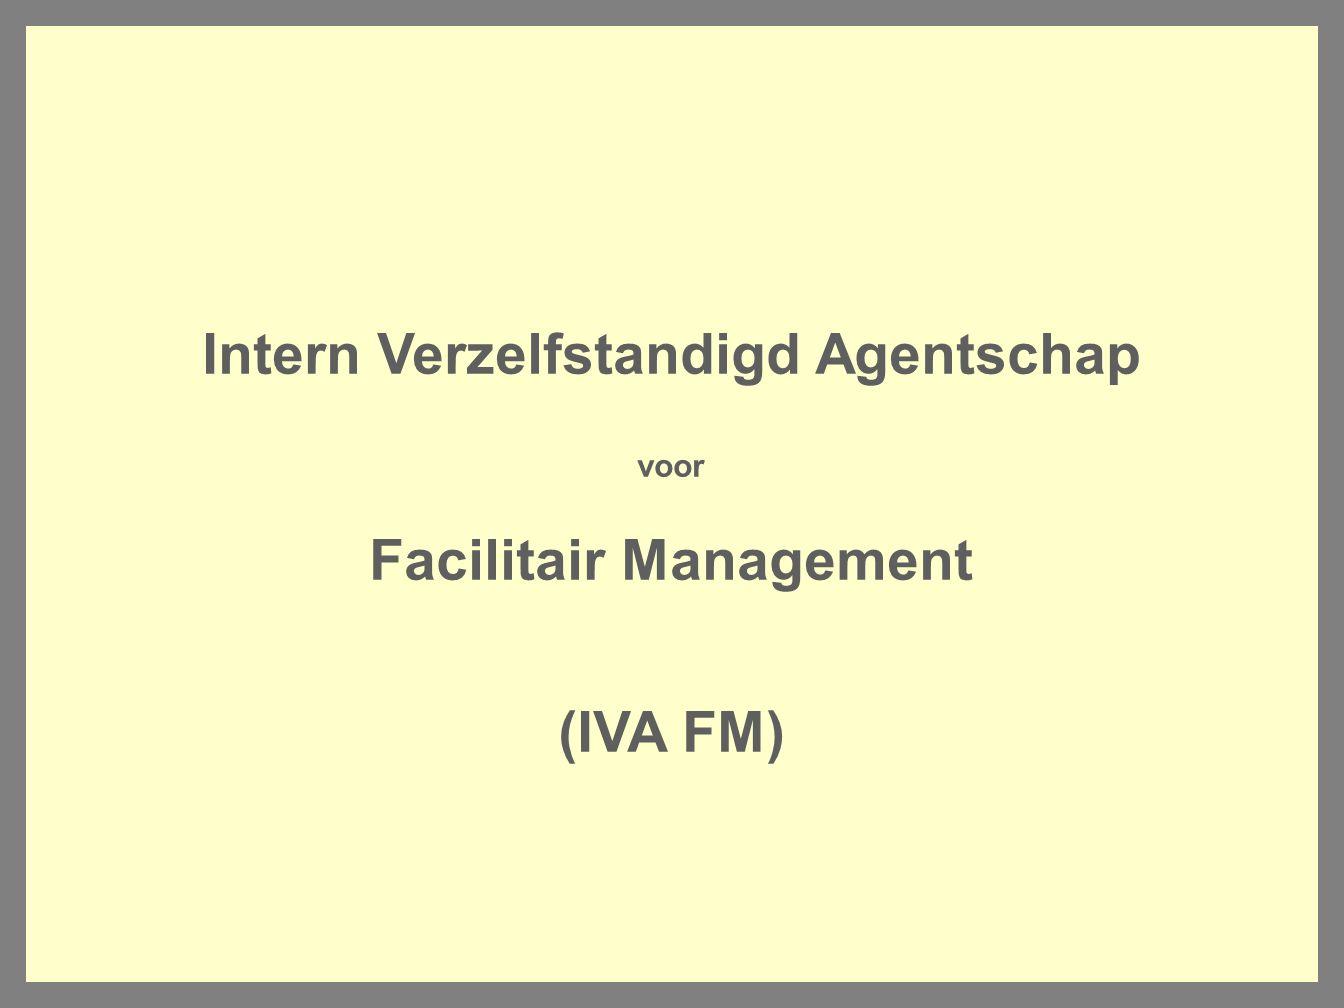 Intern Verzelfstandigd Agentschap Facilitair Management